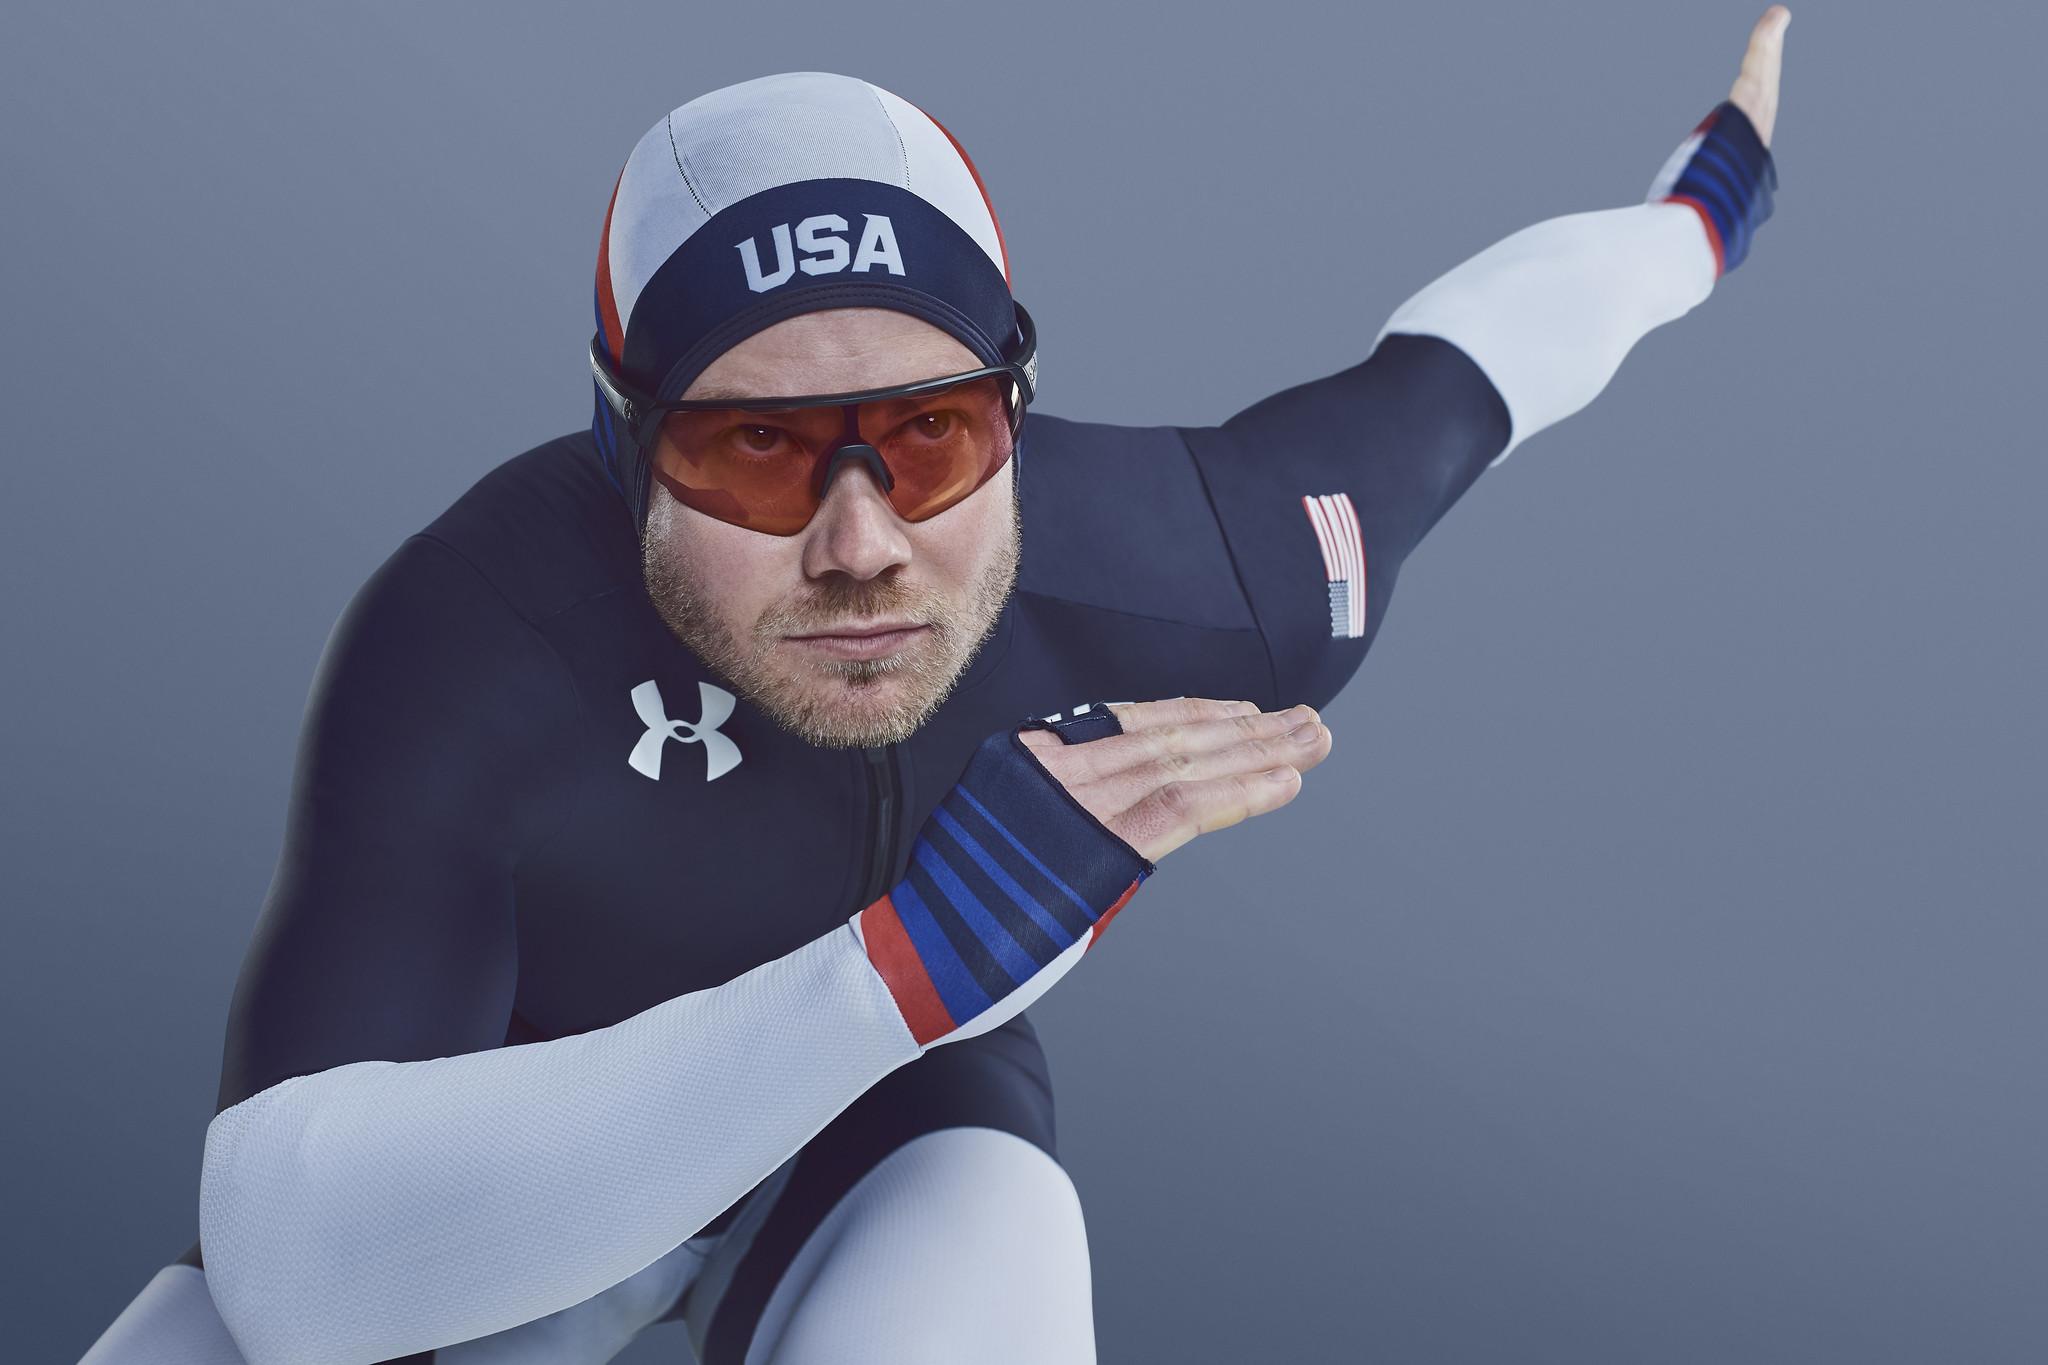 Speed skating racing suit